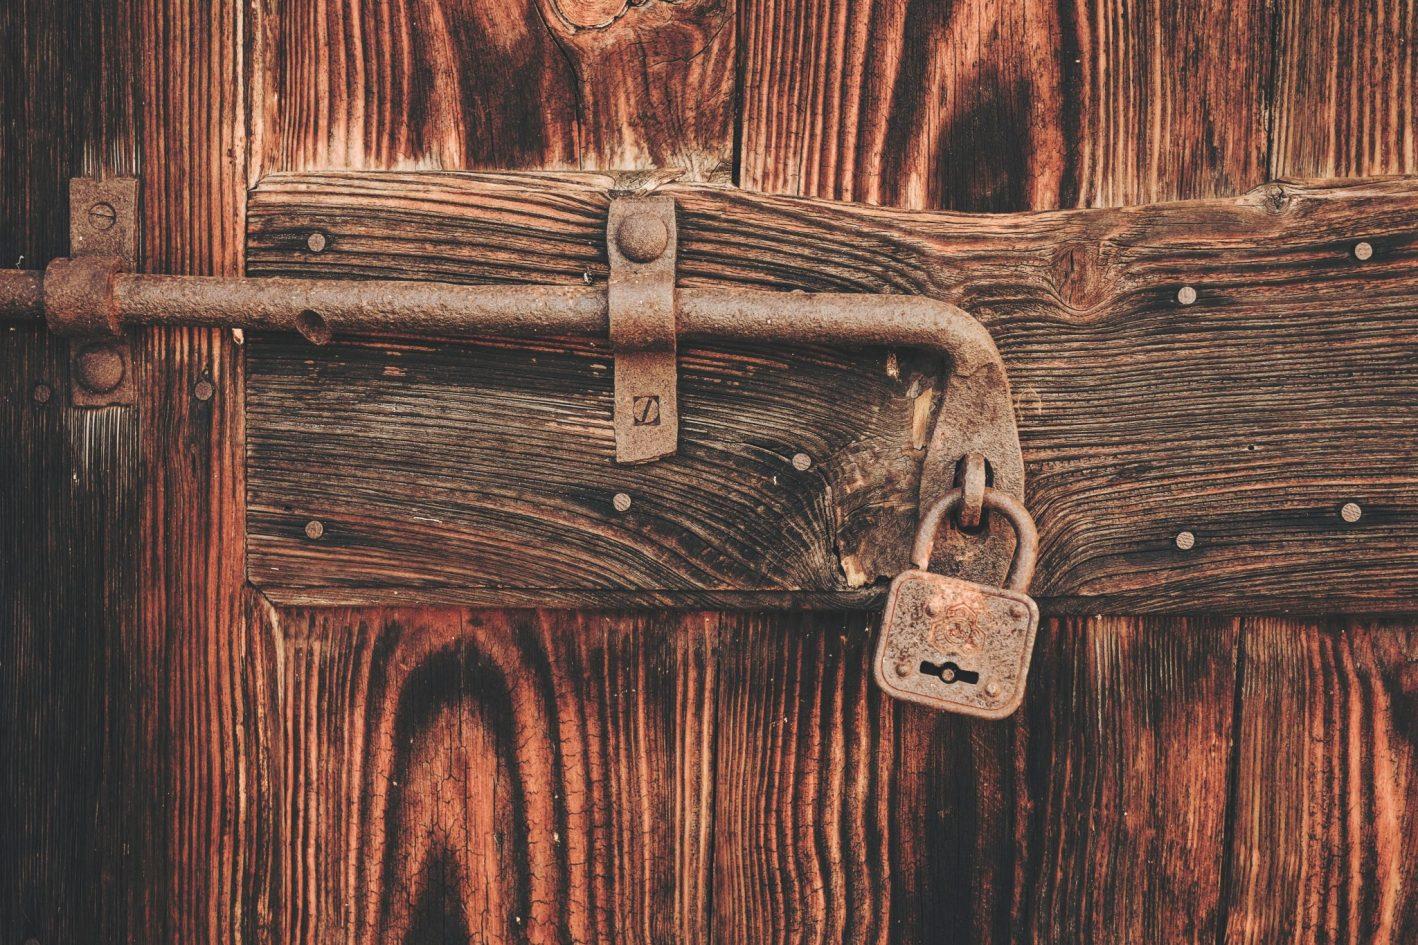 Serratura trucchi e consigli su come aprire una porta for Serratura bloccata chiave non gira